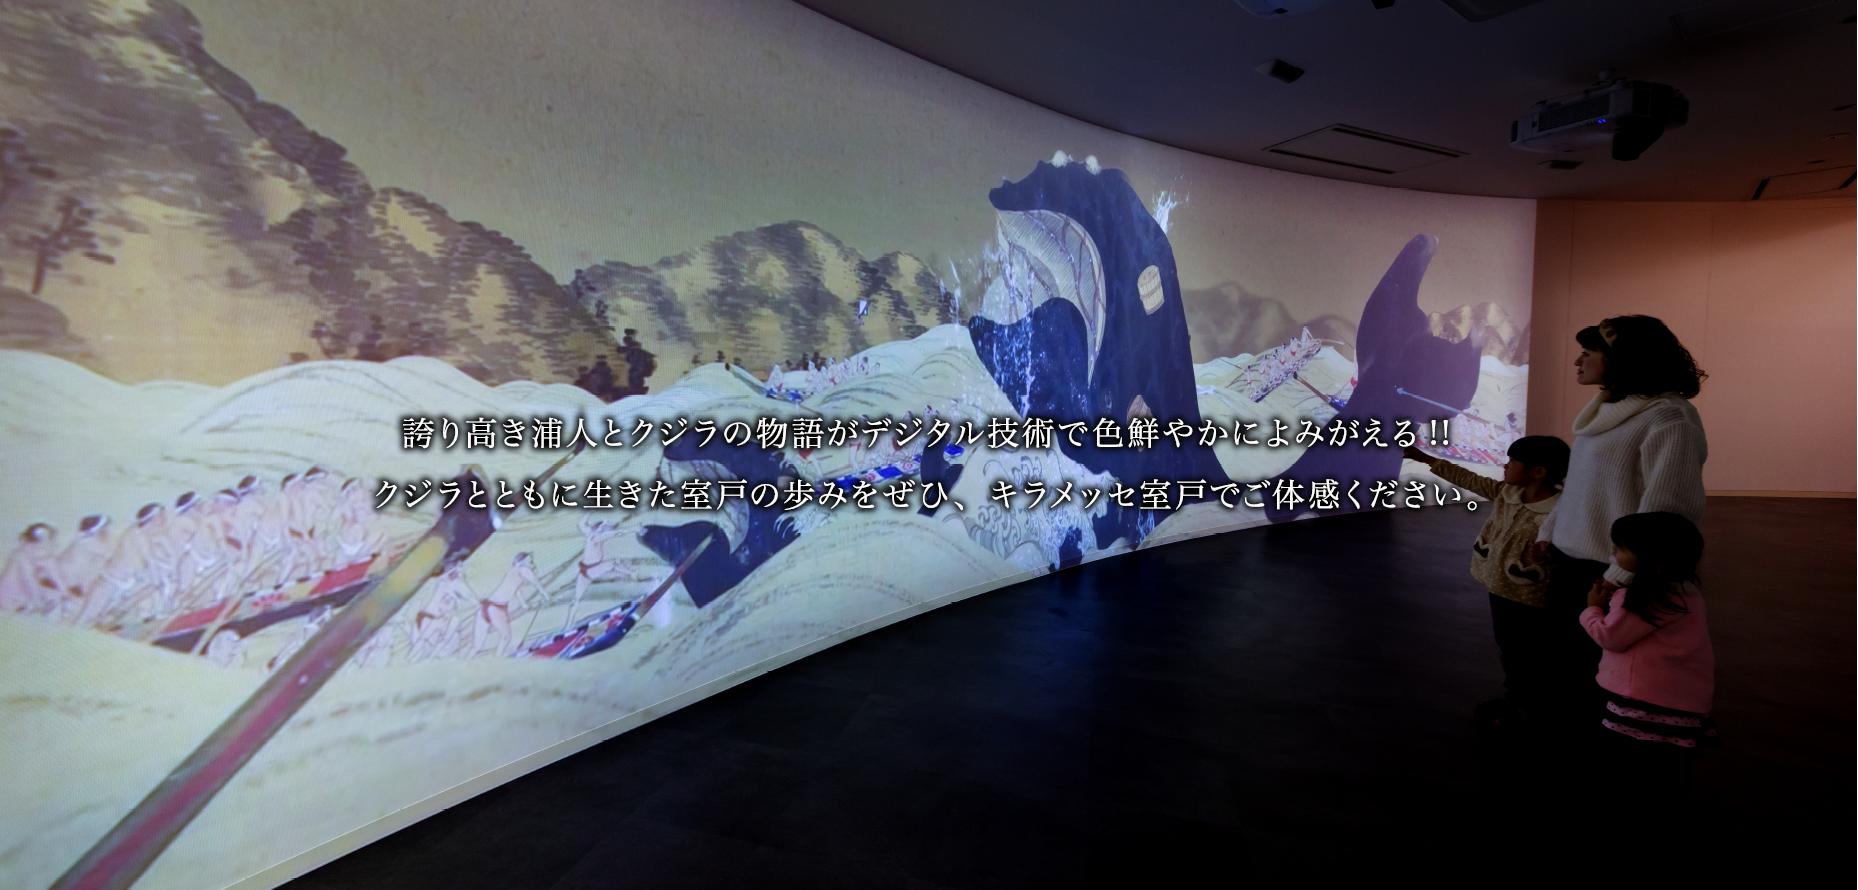 室戸と鯨の歴史